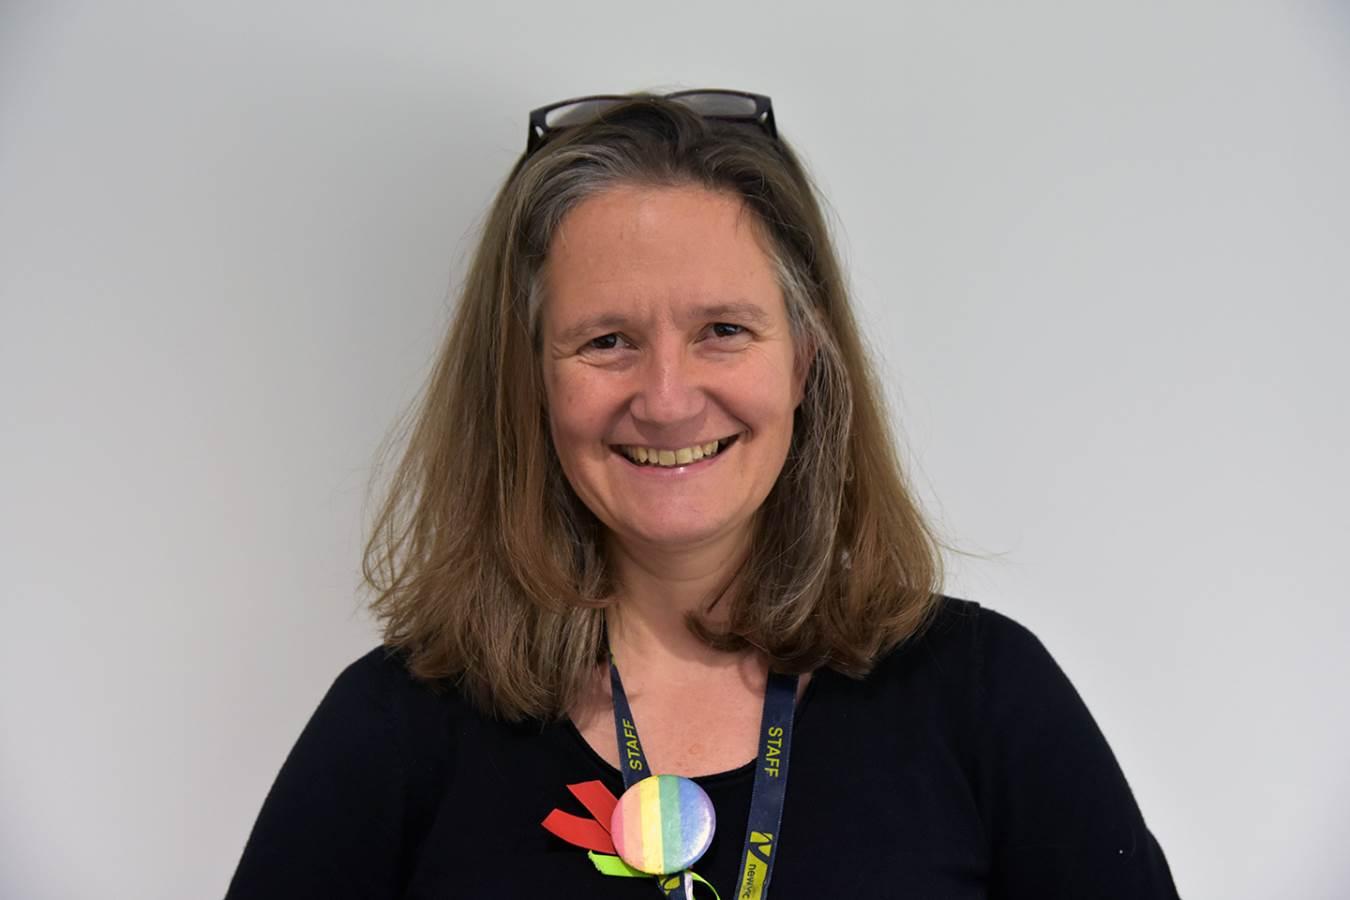 Suzanne Keys